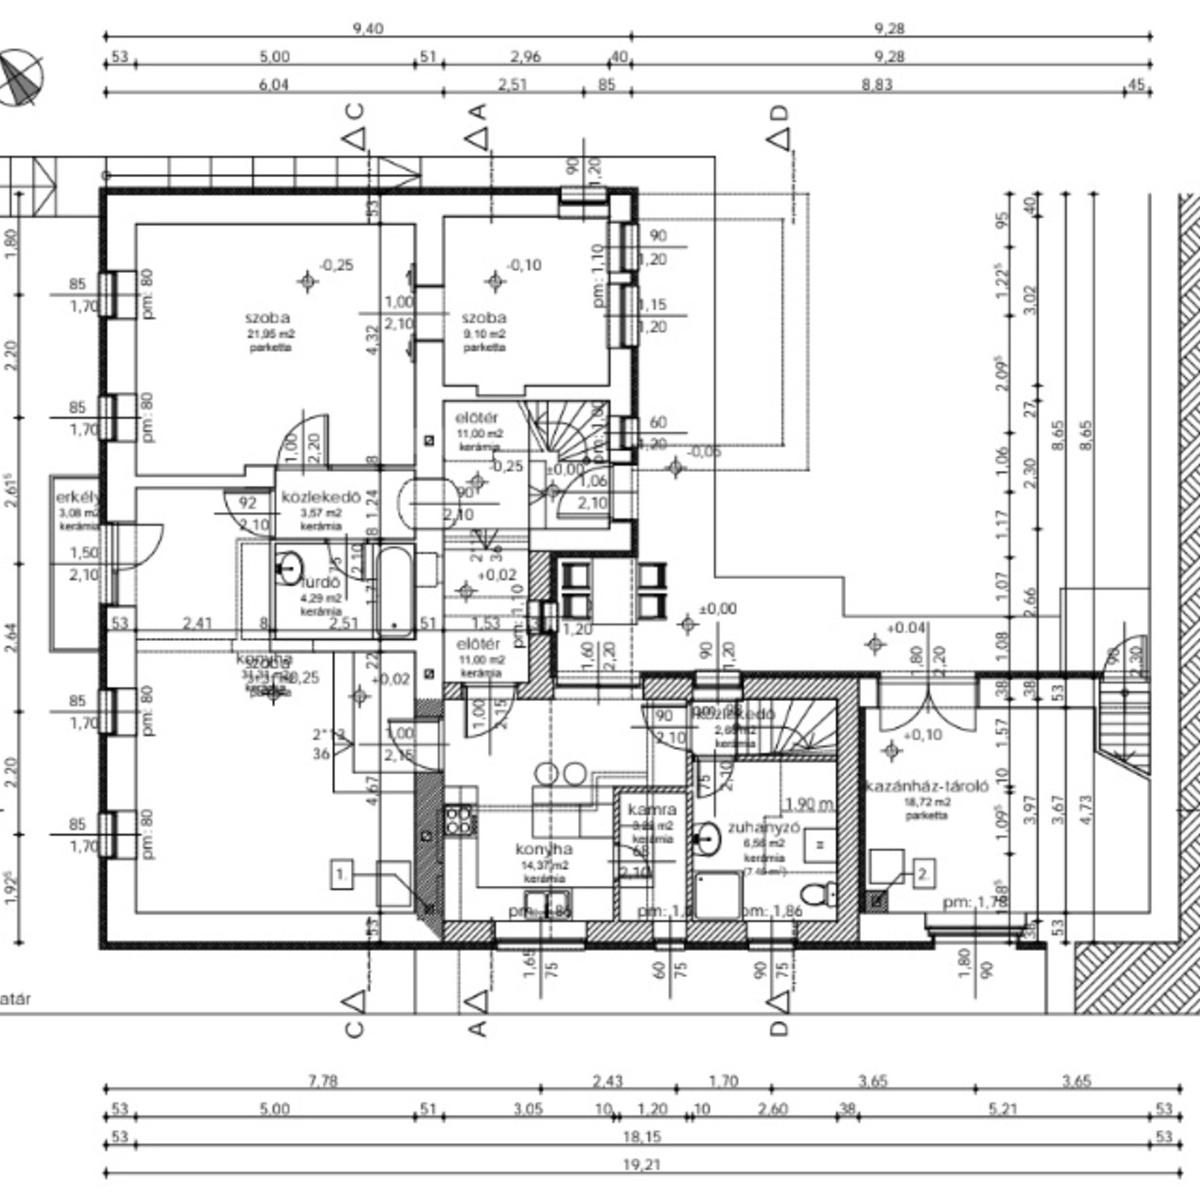 Eladó  családi ház (Pest megye, Budakeszi, Virágvölgy utca) 49 M  Ft